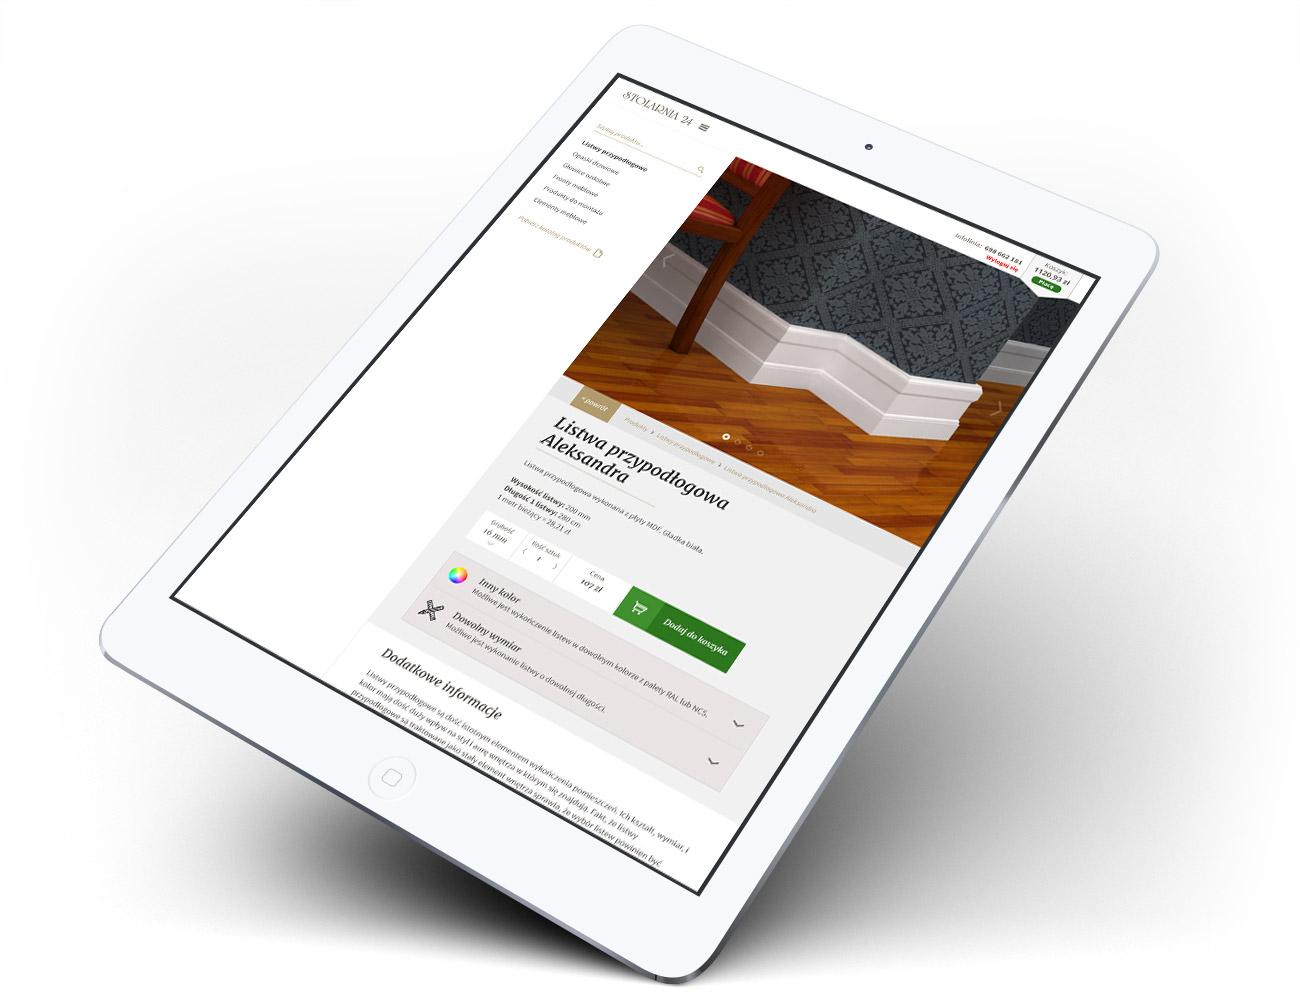 Stolarnia - widok produktu w stronie internetowej, sklepie internetowym